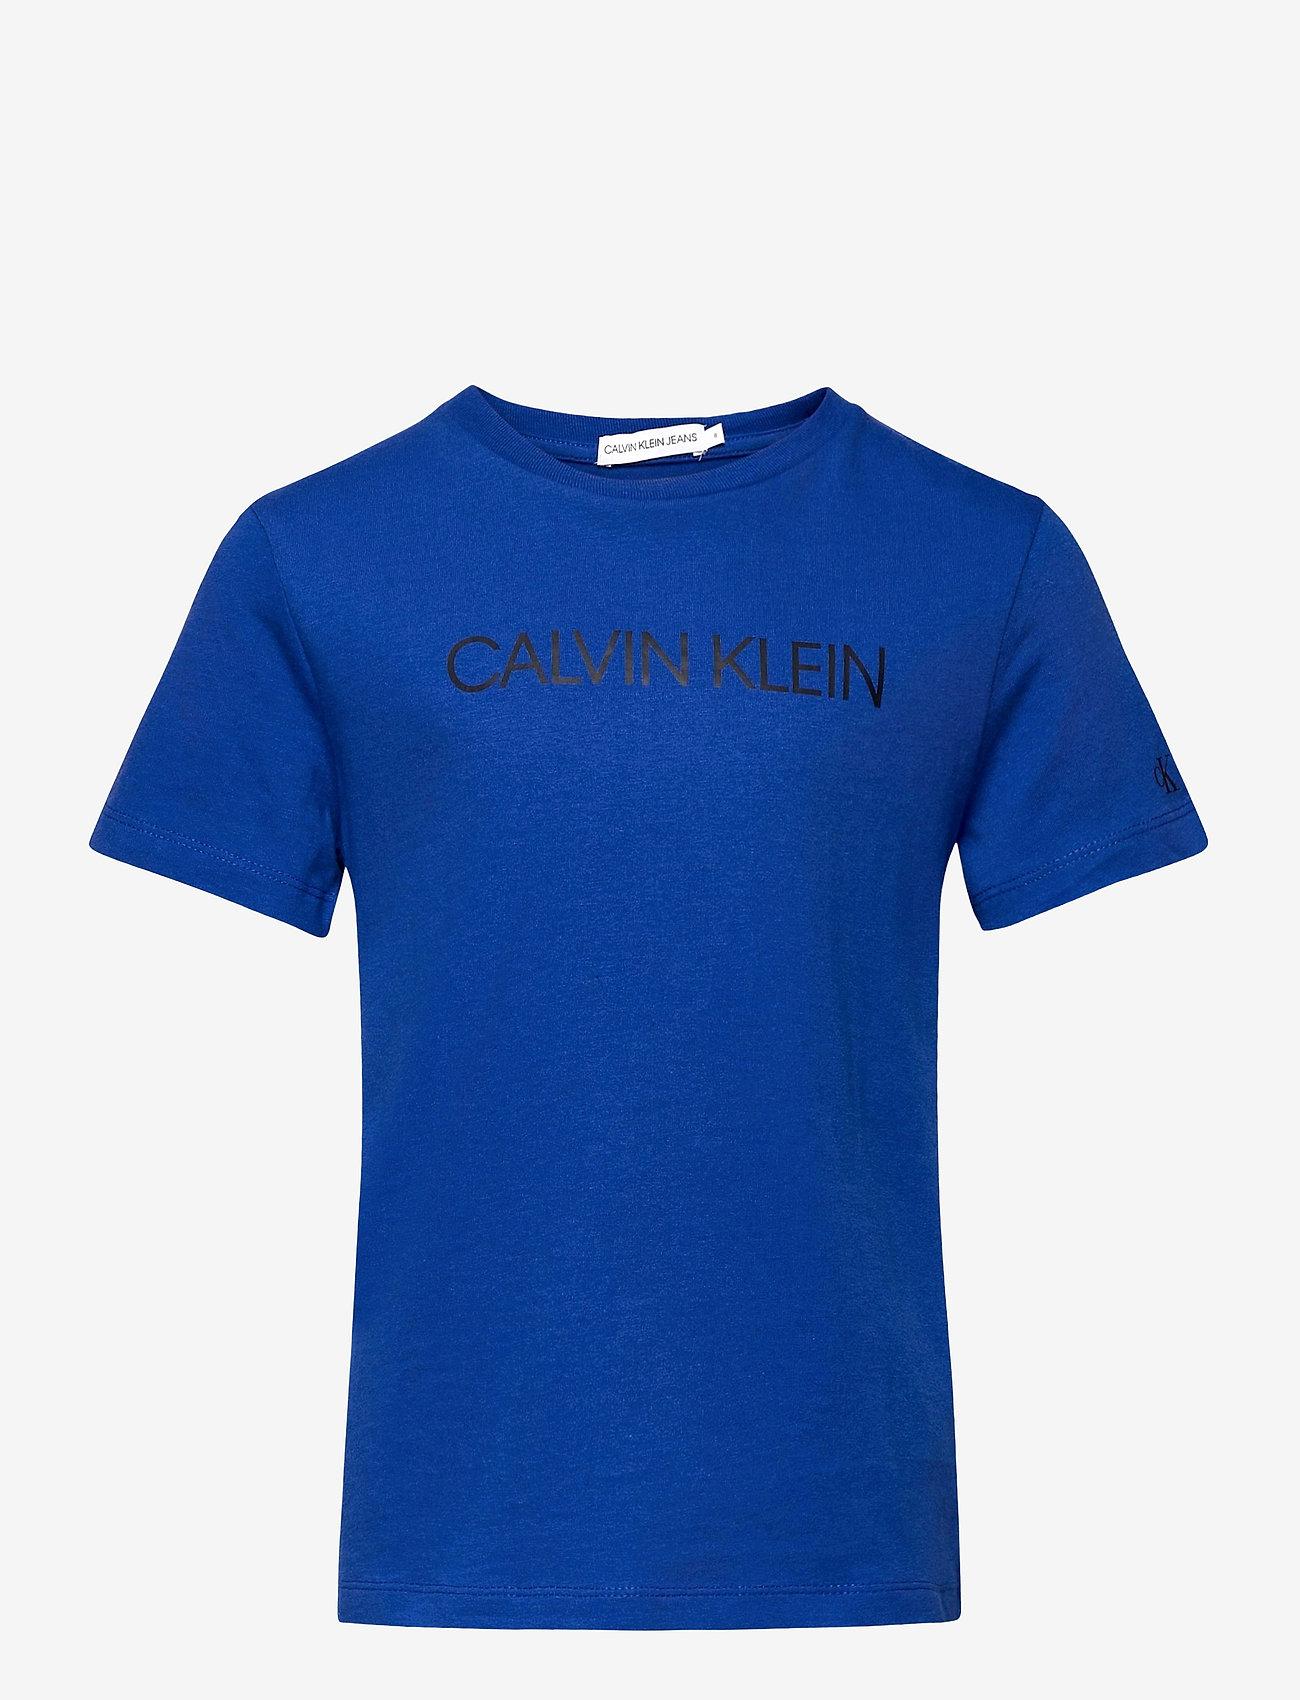 Calvin Klein - INSTITUTIONAL SS T-SHIRT - t-shirts - ultra blue - 0